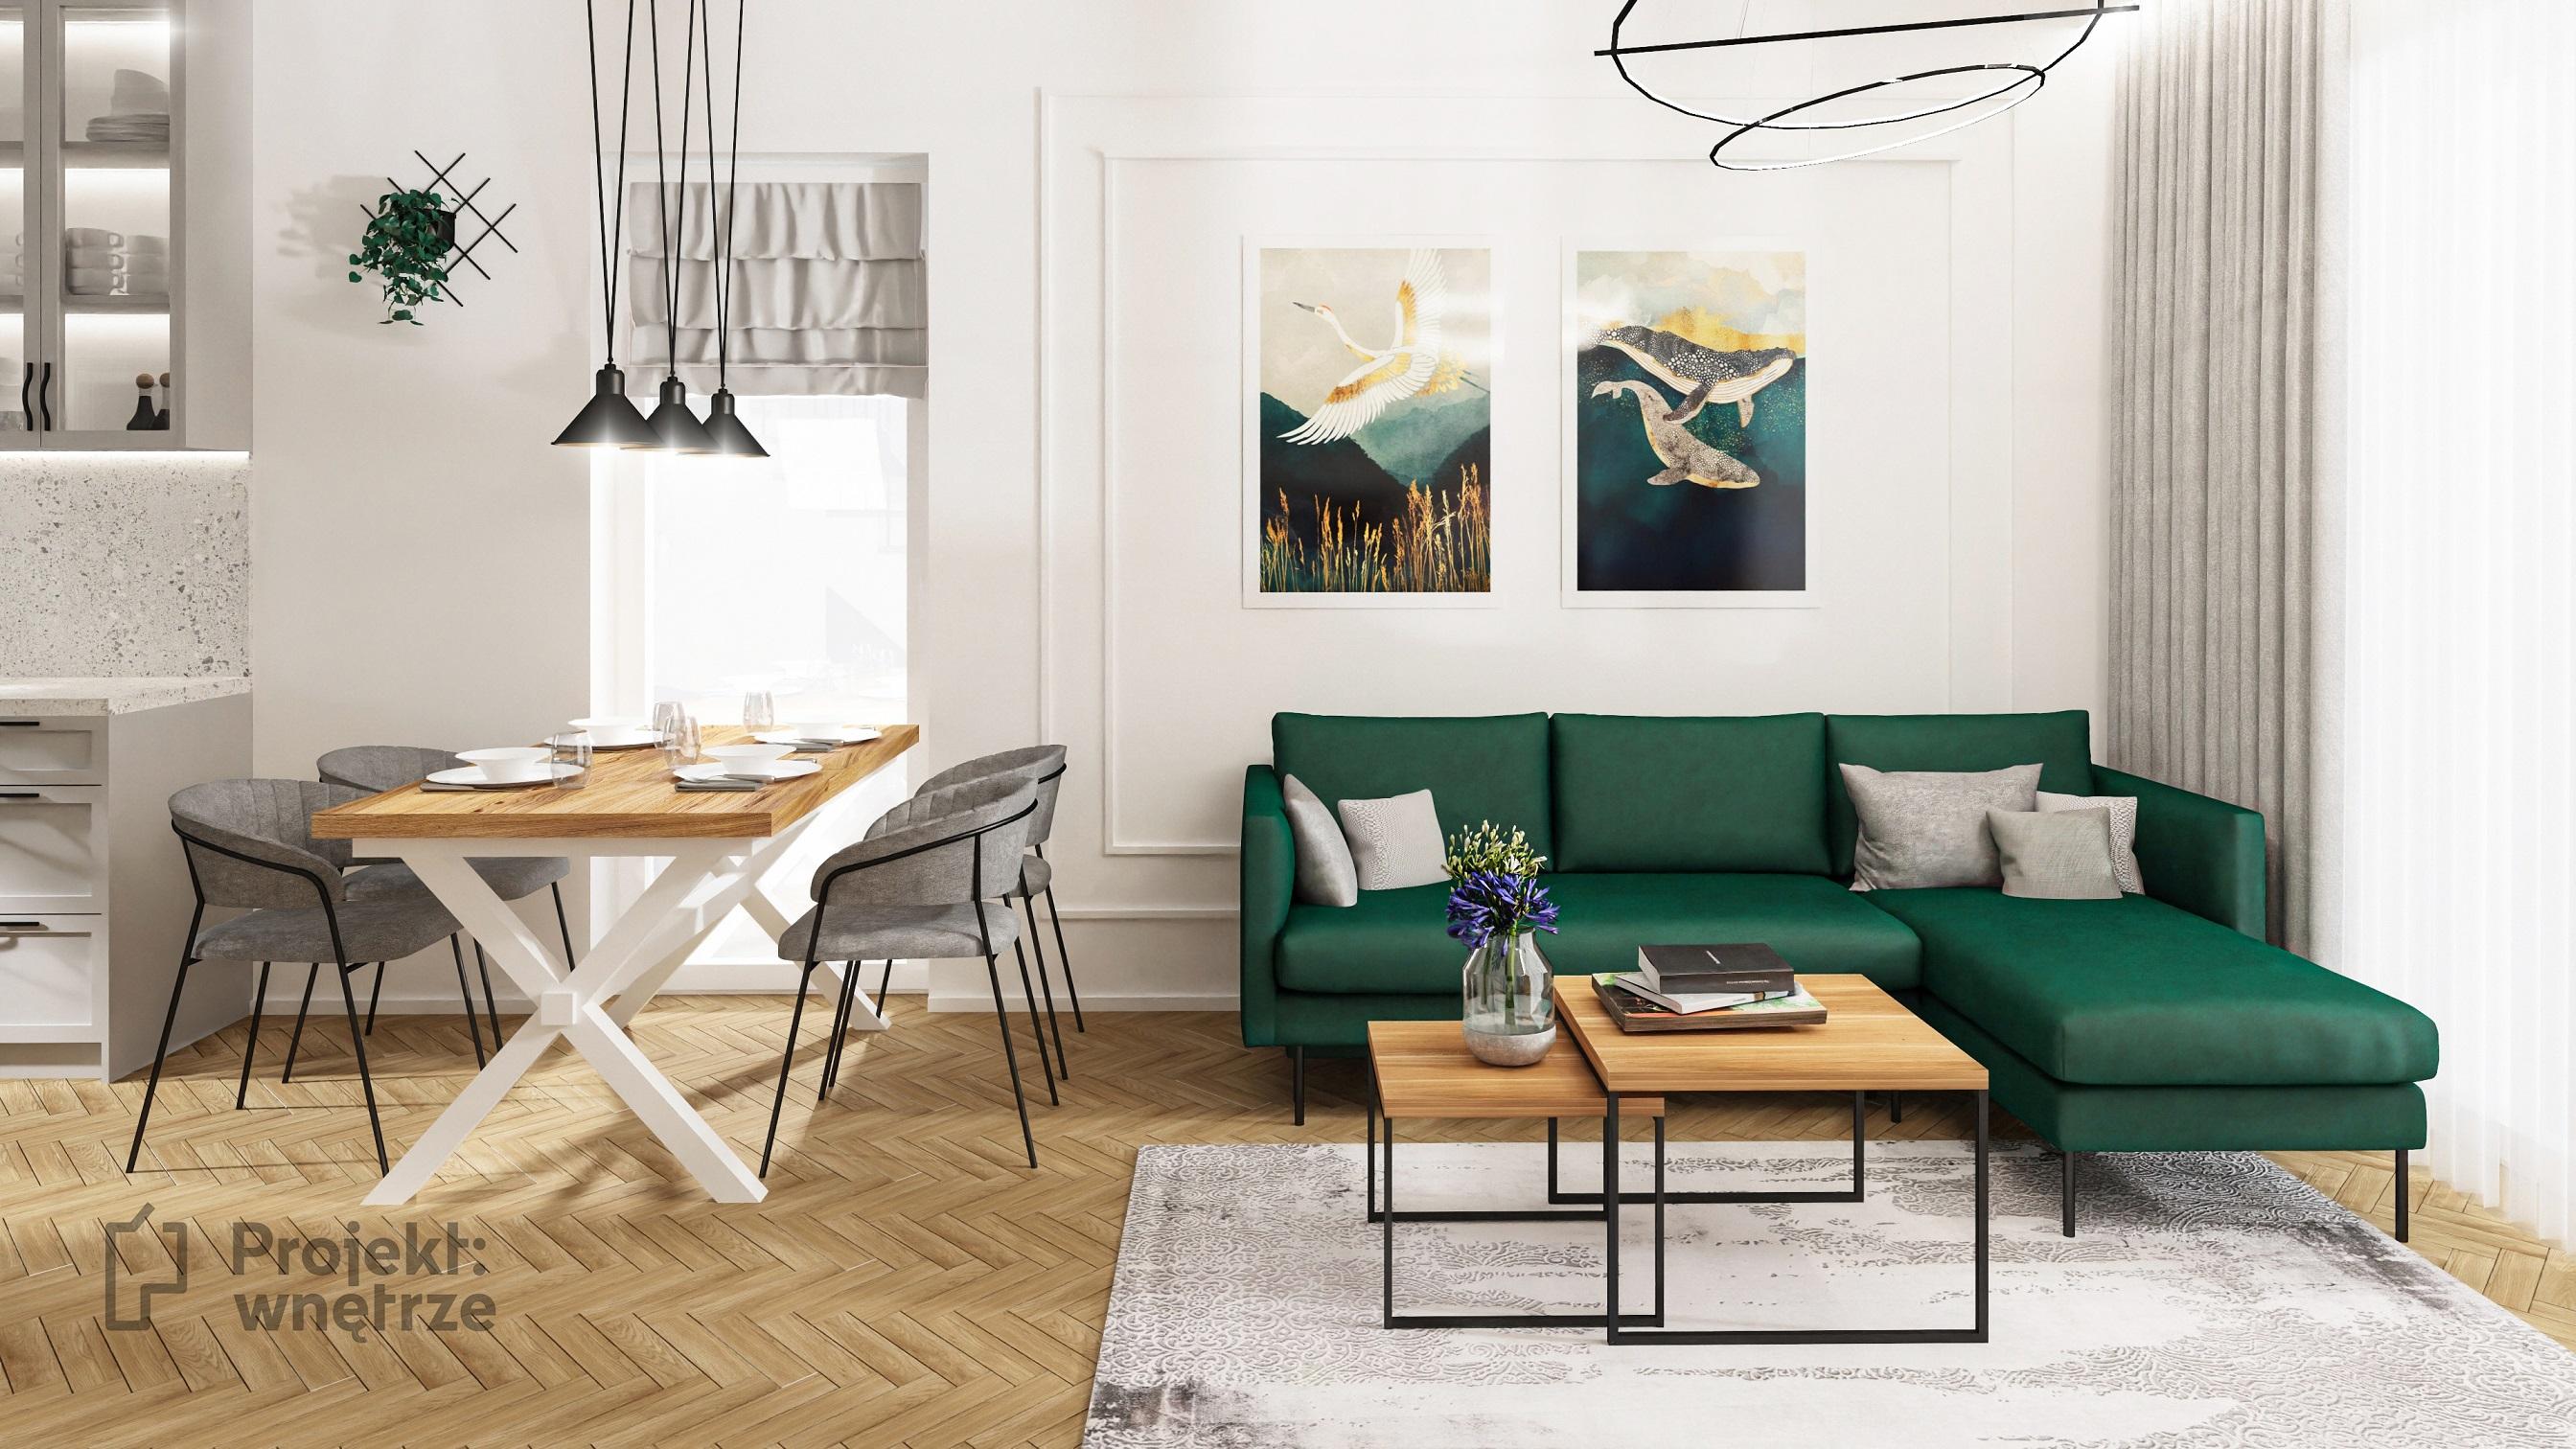 PROJEKT WNĘTRZE projekt nowoczesnego domu - jasny salon z kuchnią - szarość drewno biel zieleń tapety tynk dekoracyjny schody z balustradą do sufitu harfa